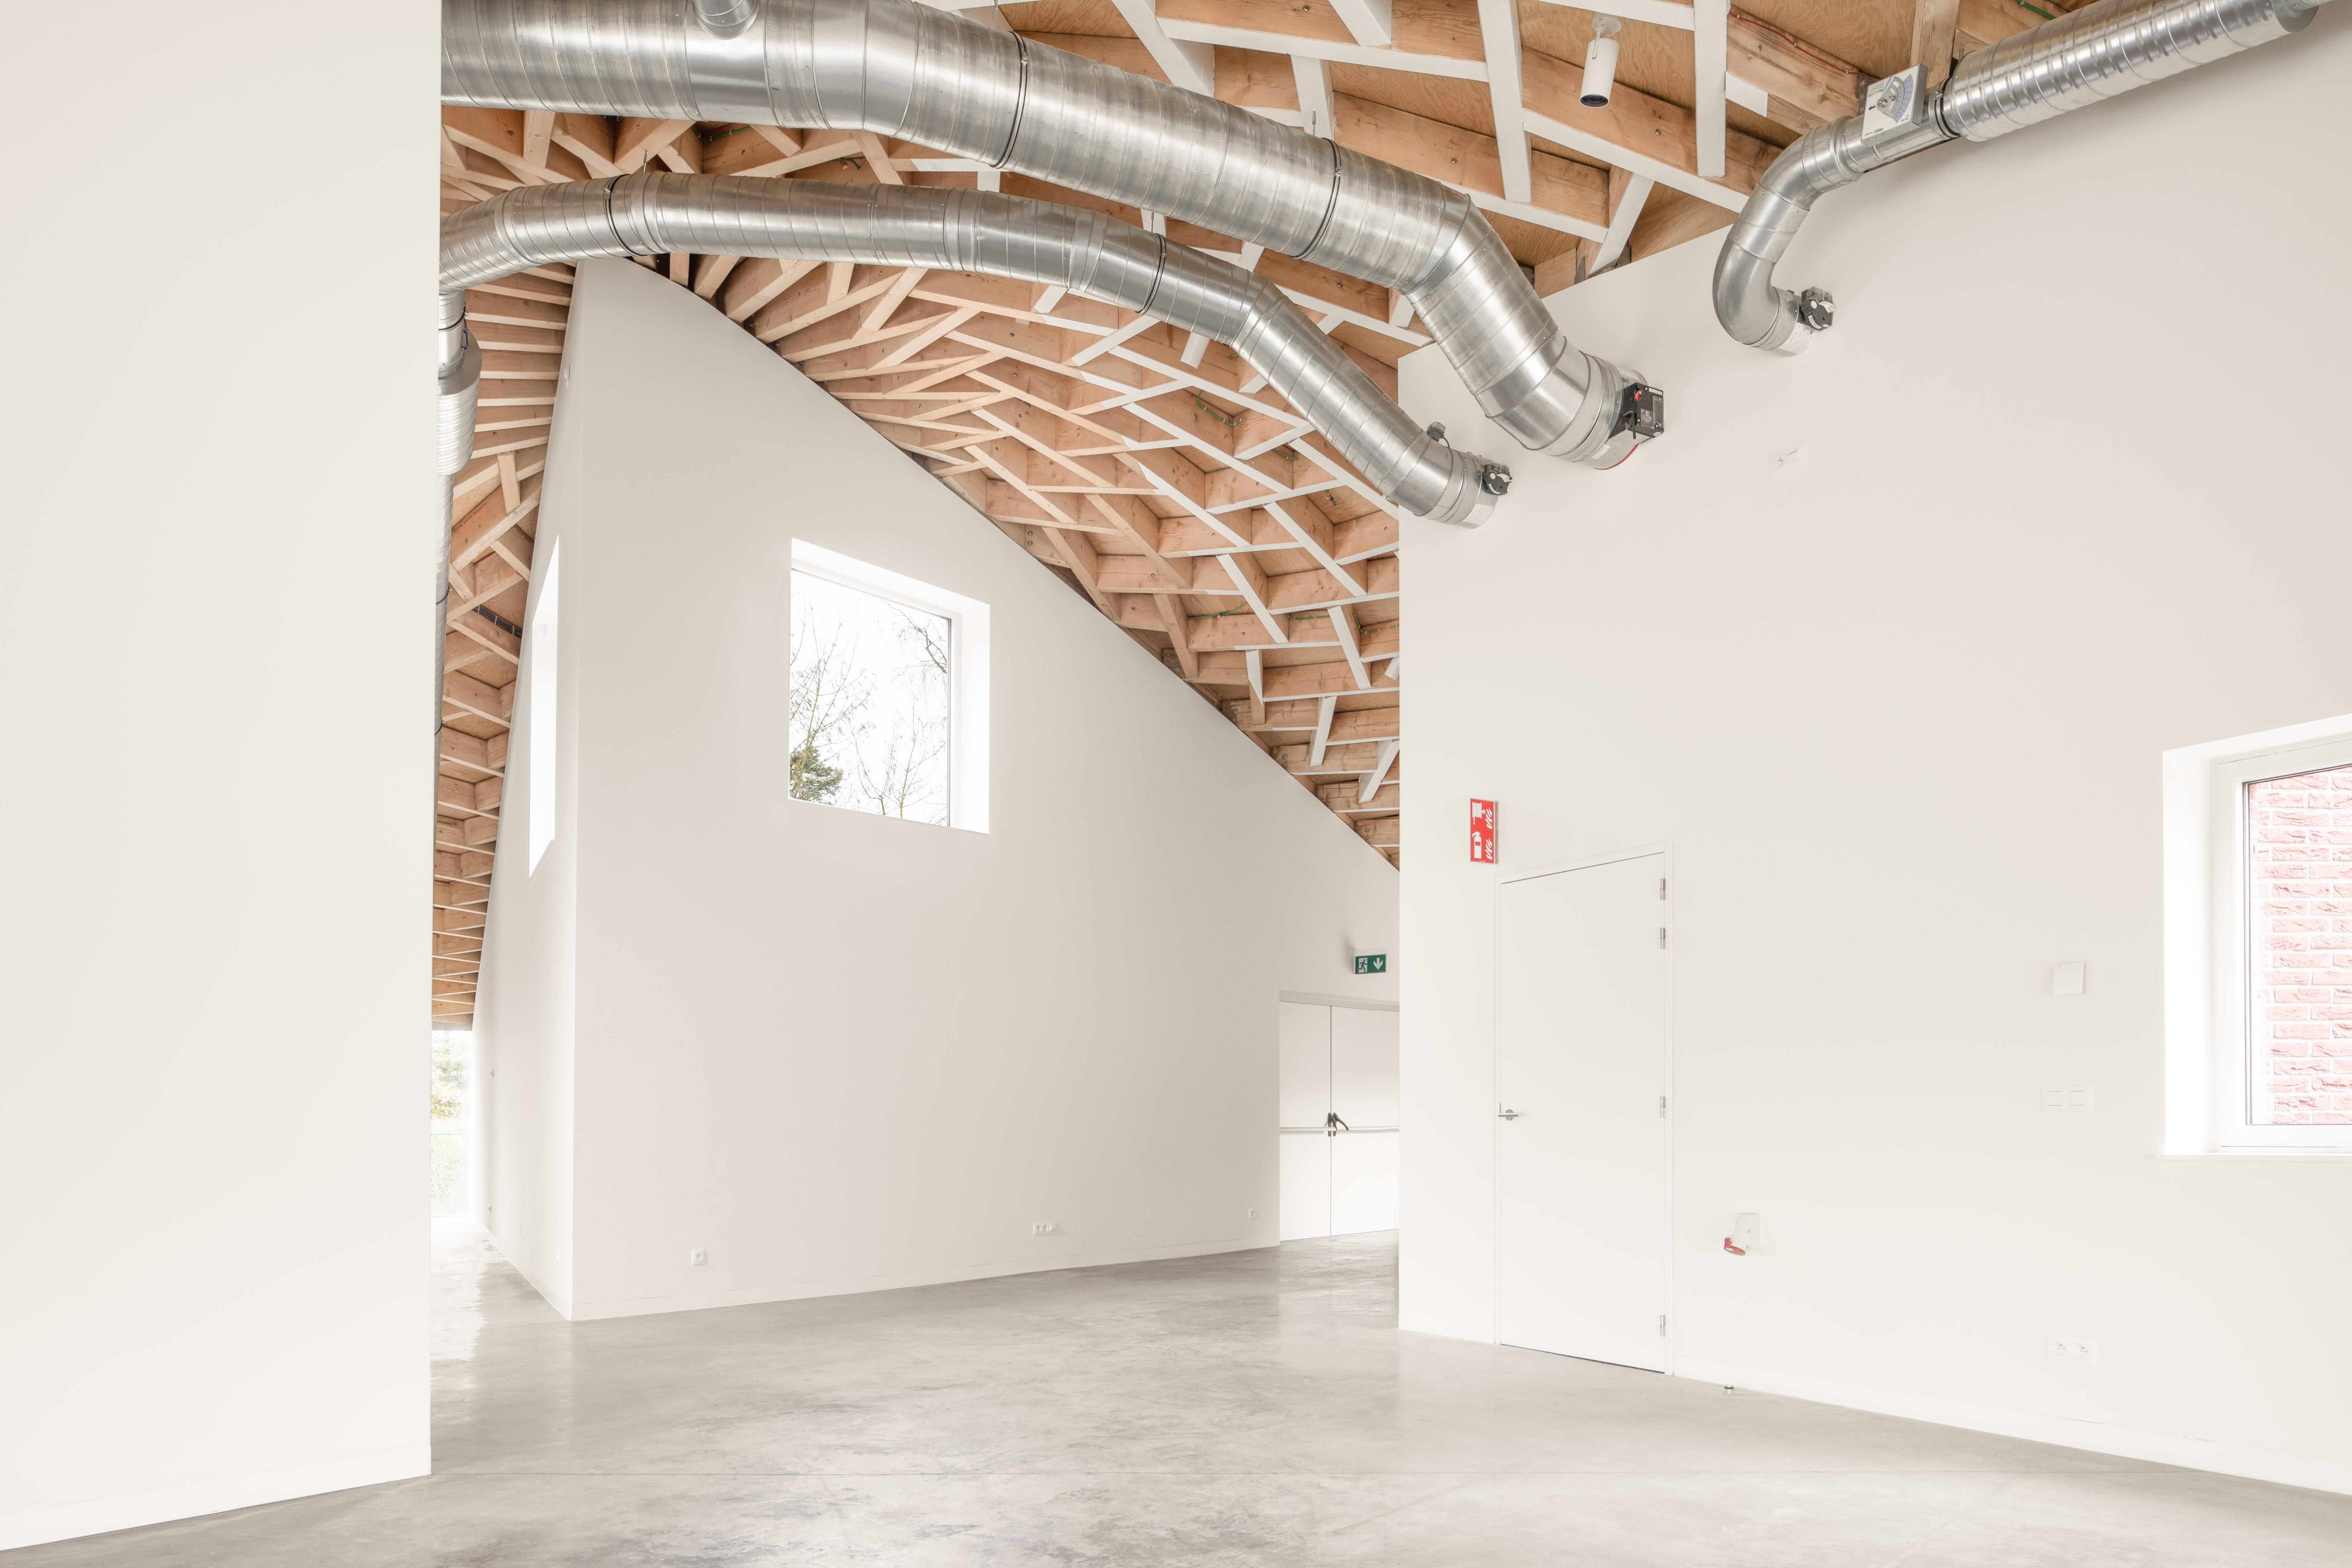 <p>In de ruimtes zijn de installaties zichtbaar gehouden. Beeld: Jeroen Verrecht</p>